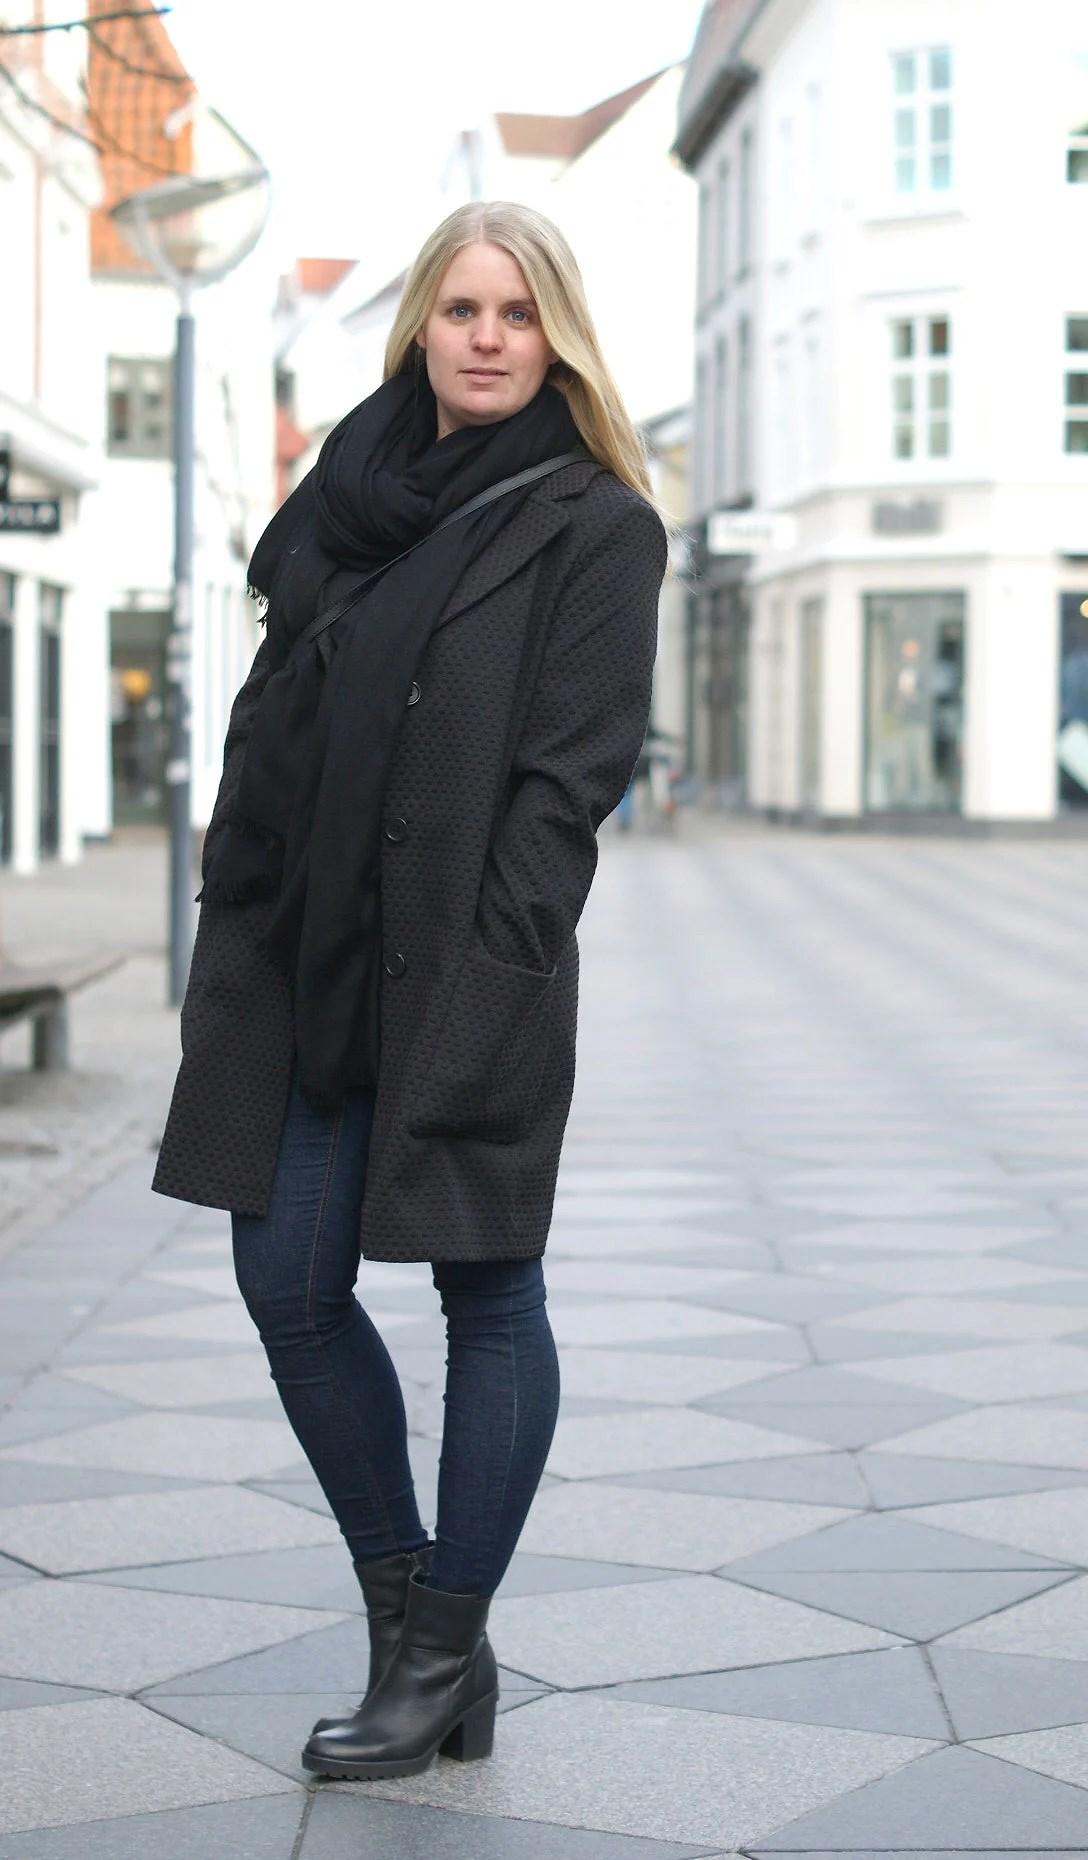 Modeblogger i Aalborg, Aalborg modeblog, Aalborg blogger, Nordjysk blogger, Julie Mænnchen, It's My Passions, Fransa, Fransa frakke- Michael Kors taske